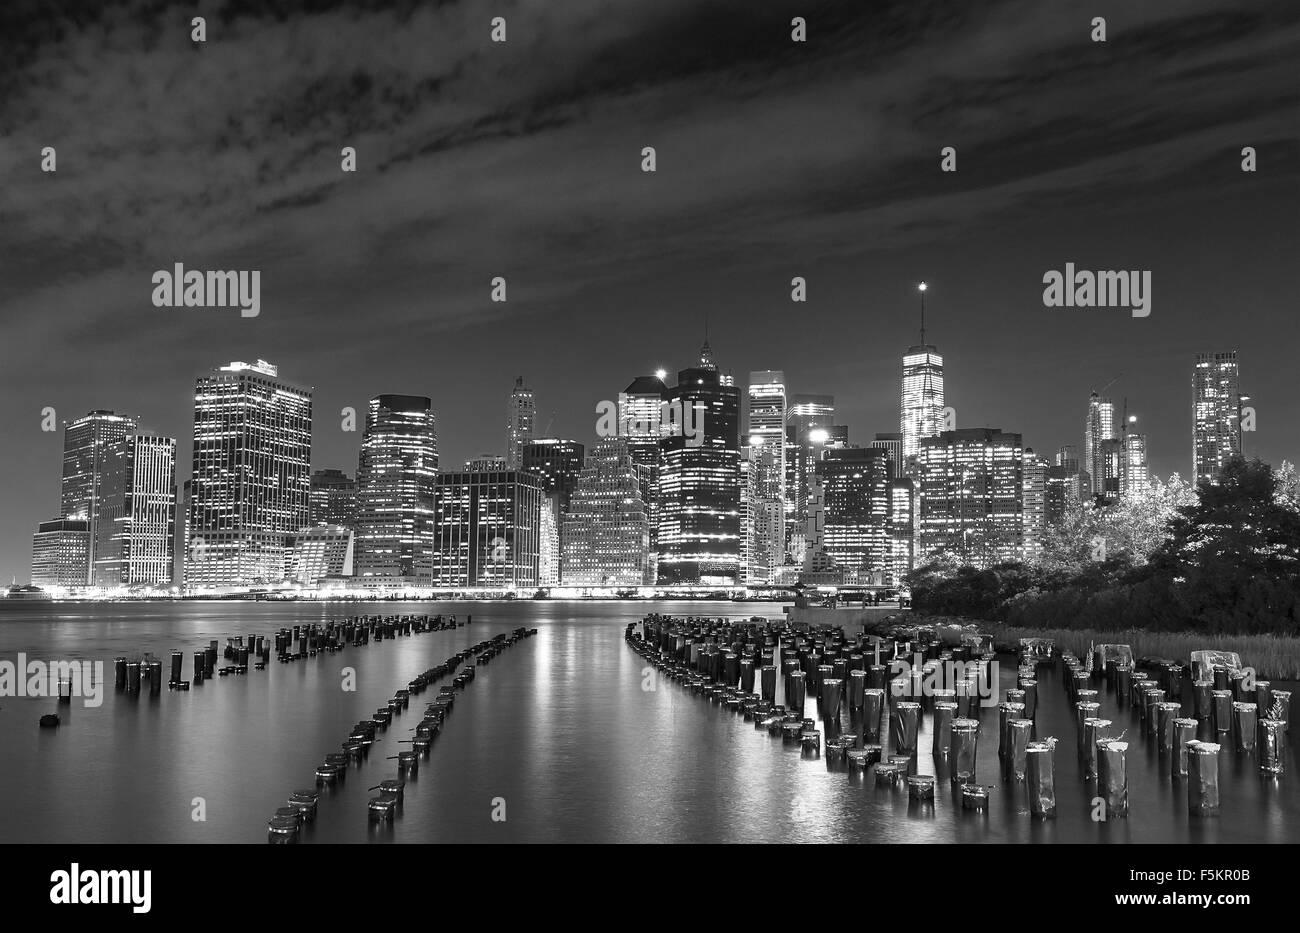 Schwarz / weiß Foto von Manhattan am Wasser in der Nacht, New York City, USA. Stockbild